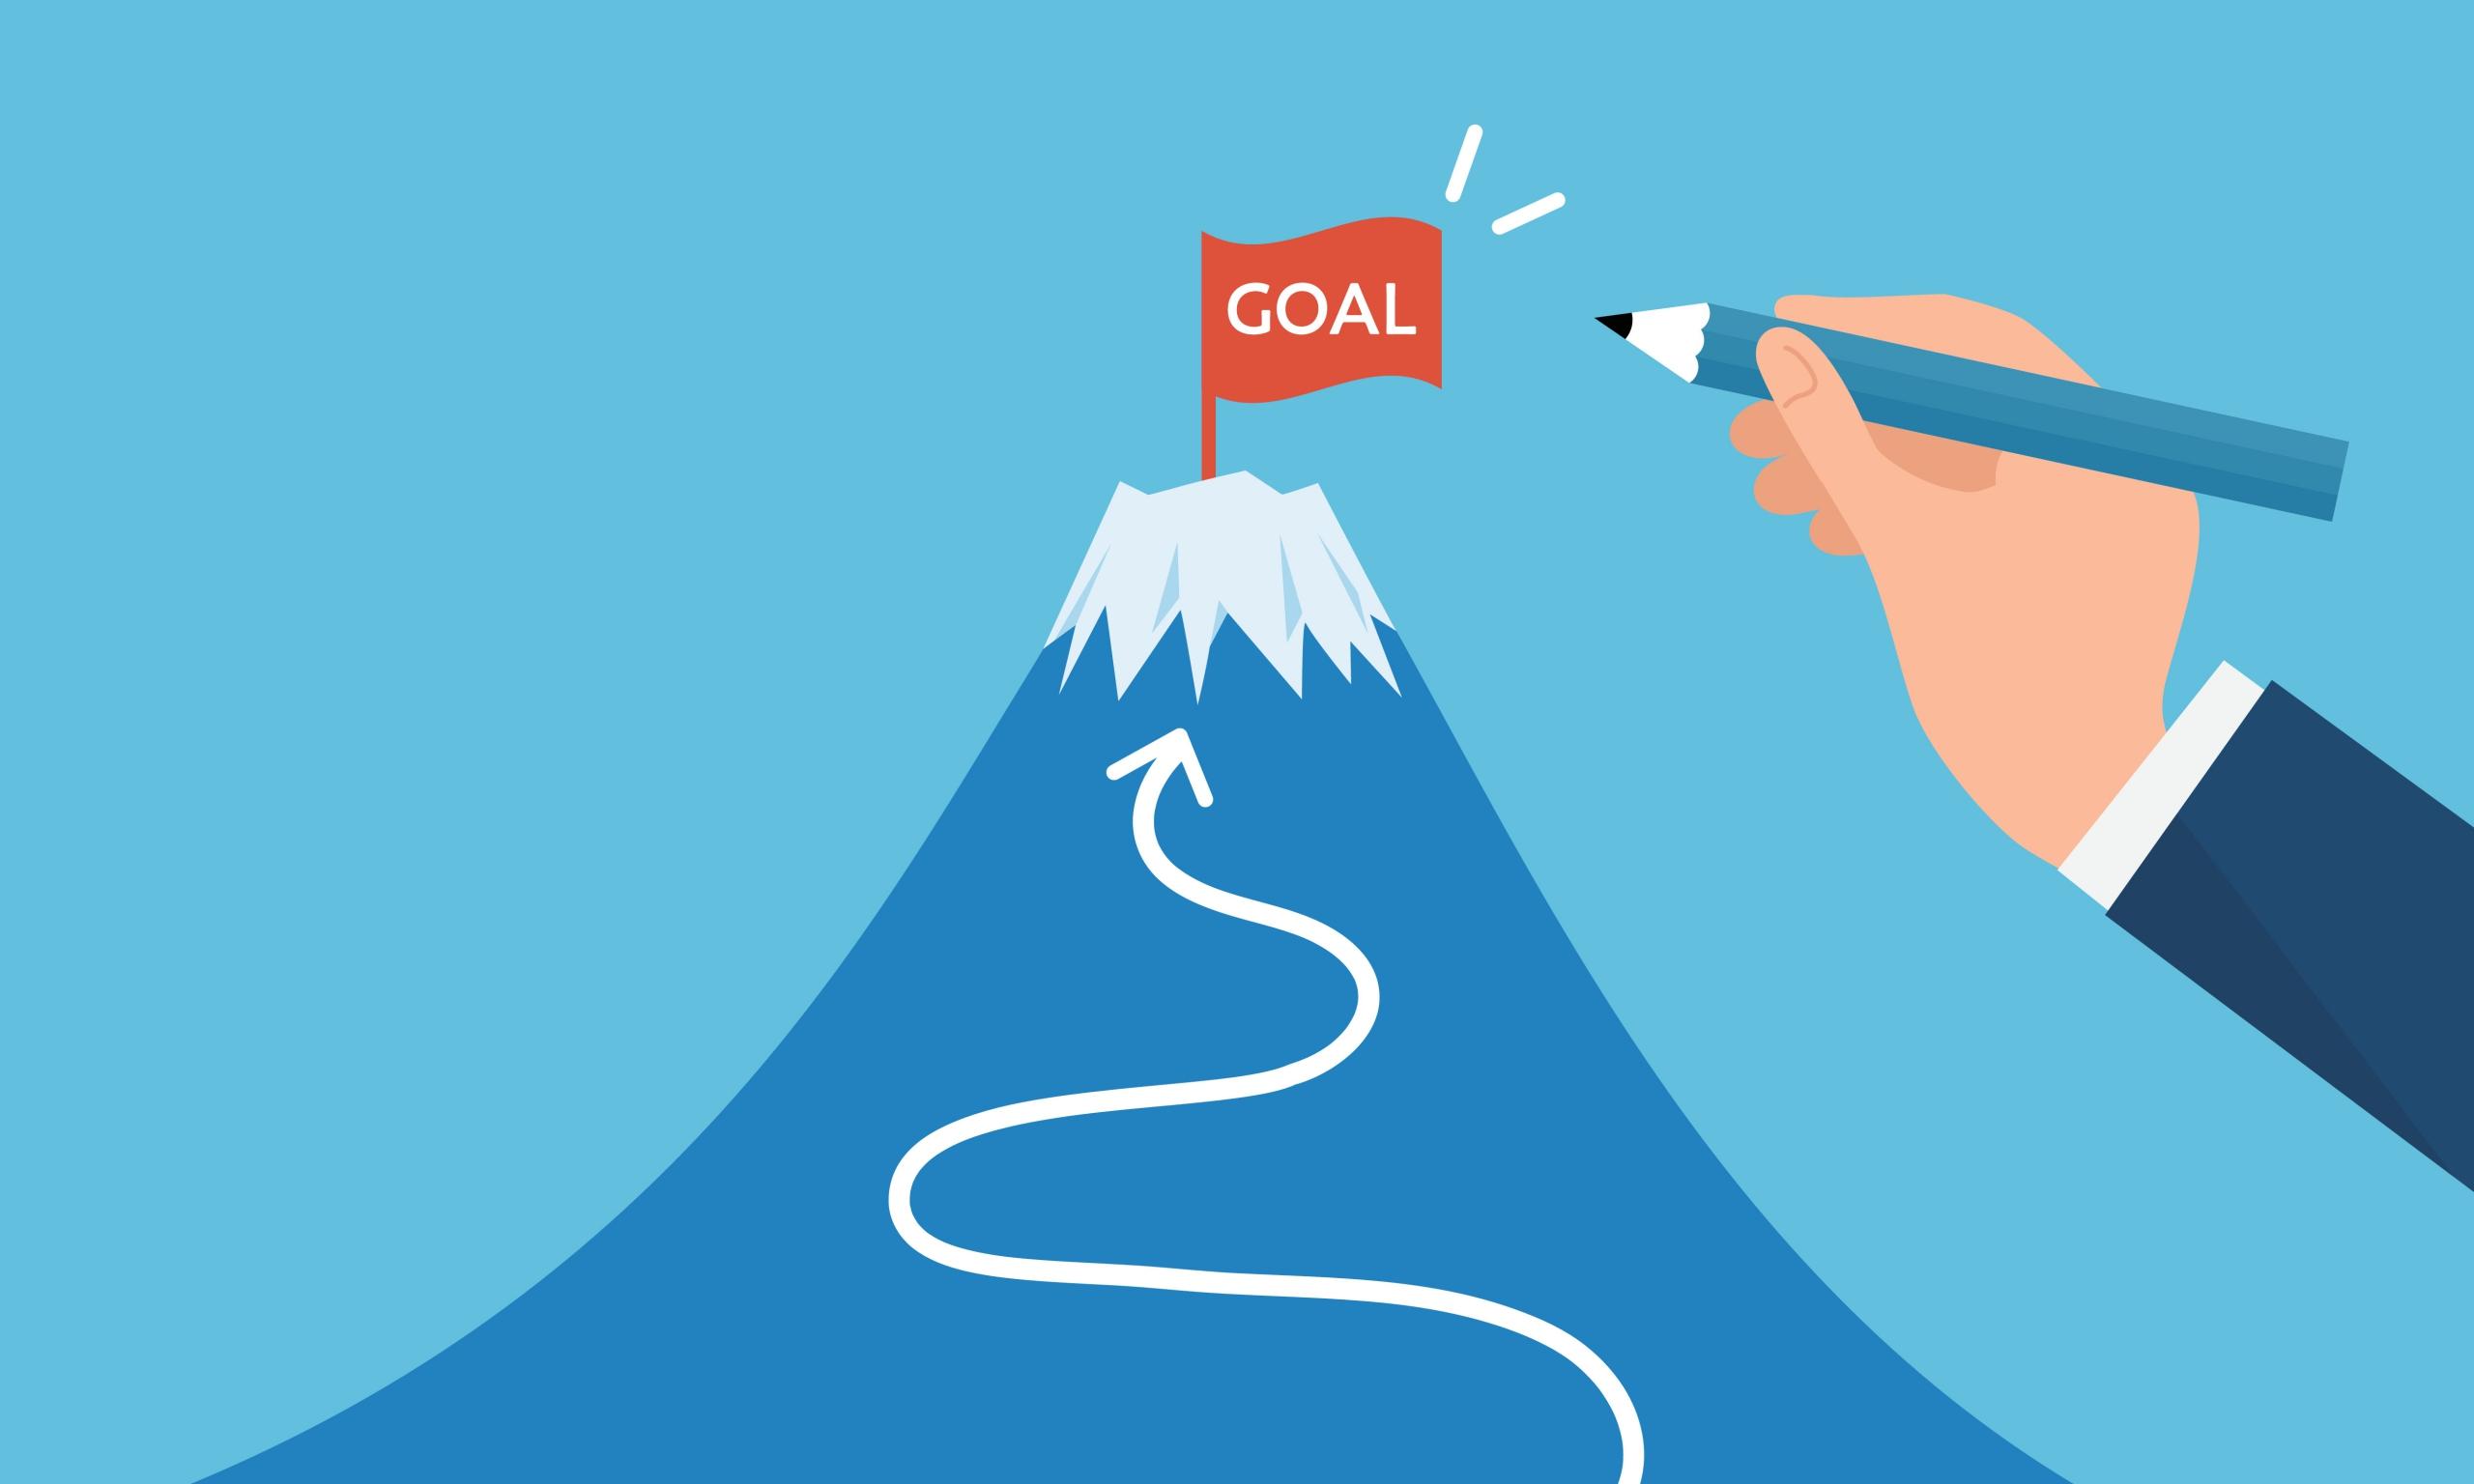 仕事は「打ち合わせの質」と「ゴール目標の共有」で決まる ...